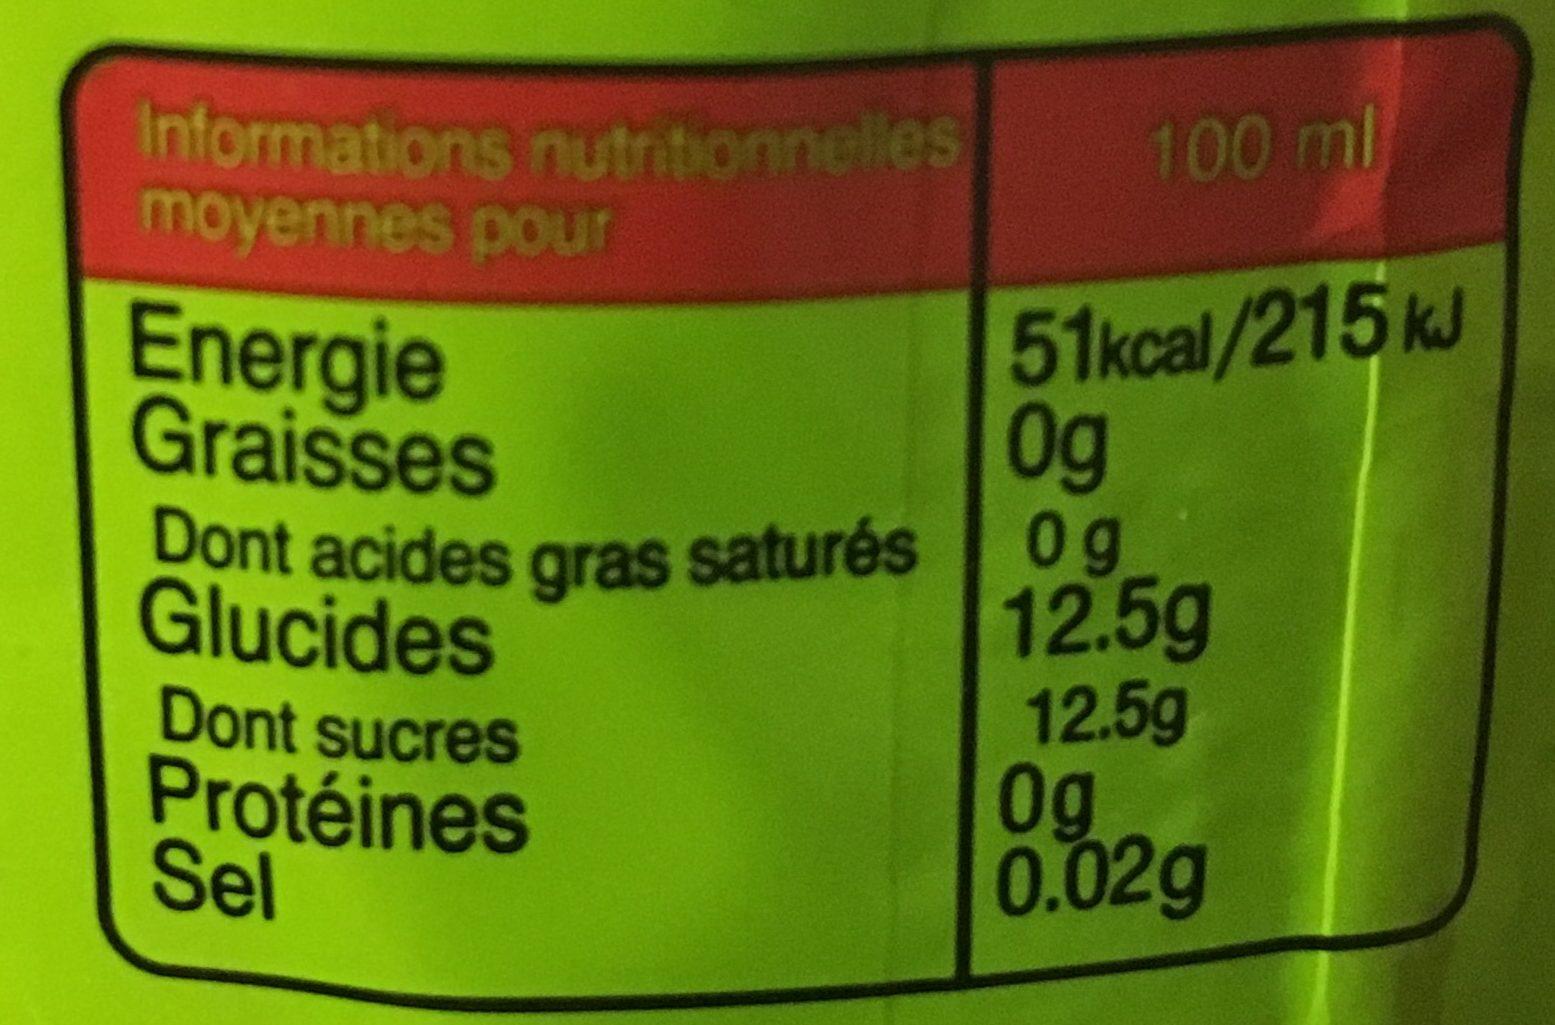 Ifrisoda - Boisson gazeuse aux arômes naturels de fruits - حقائق غذائية - fr